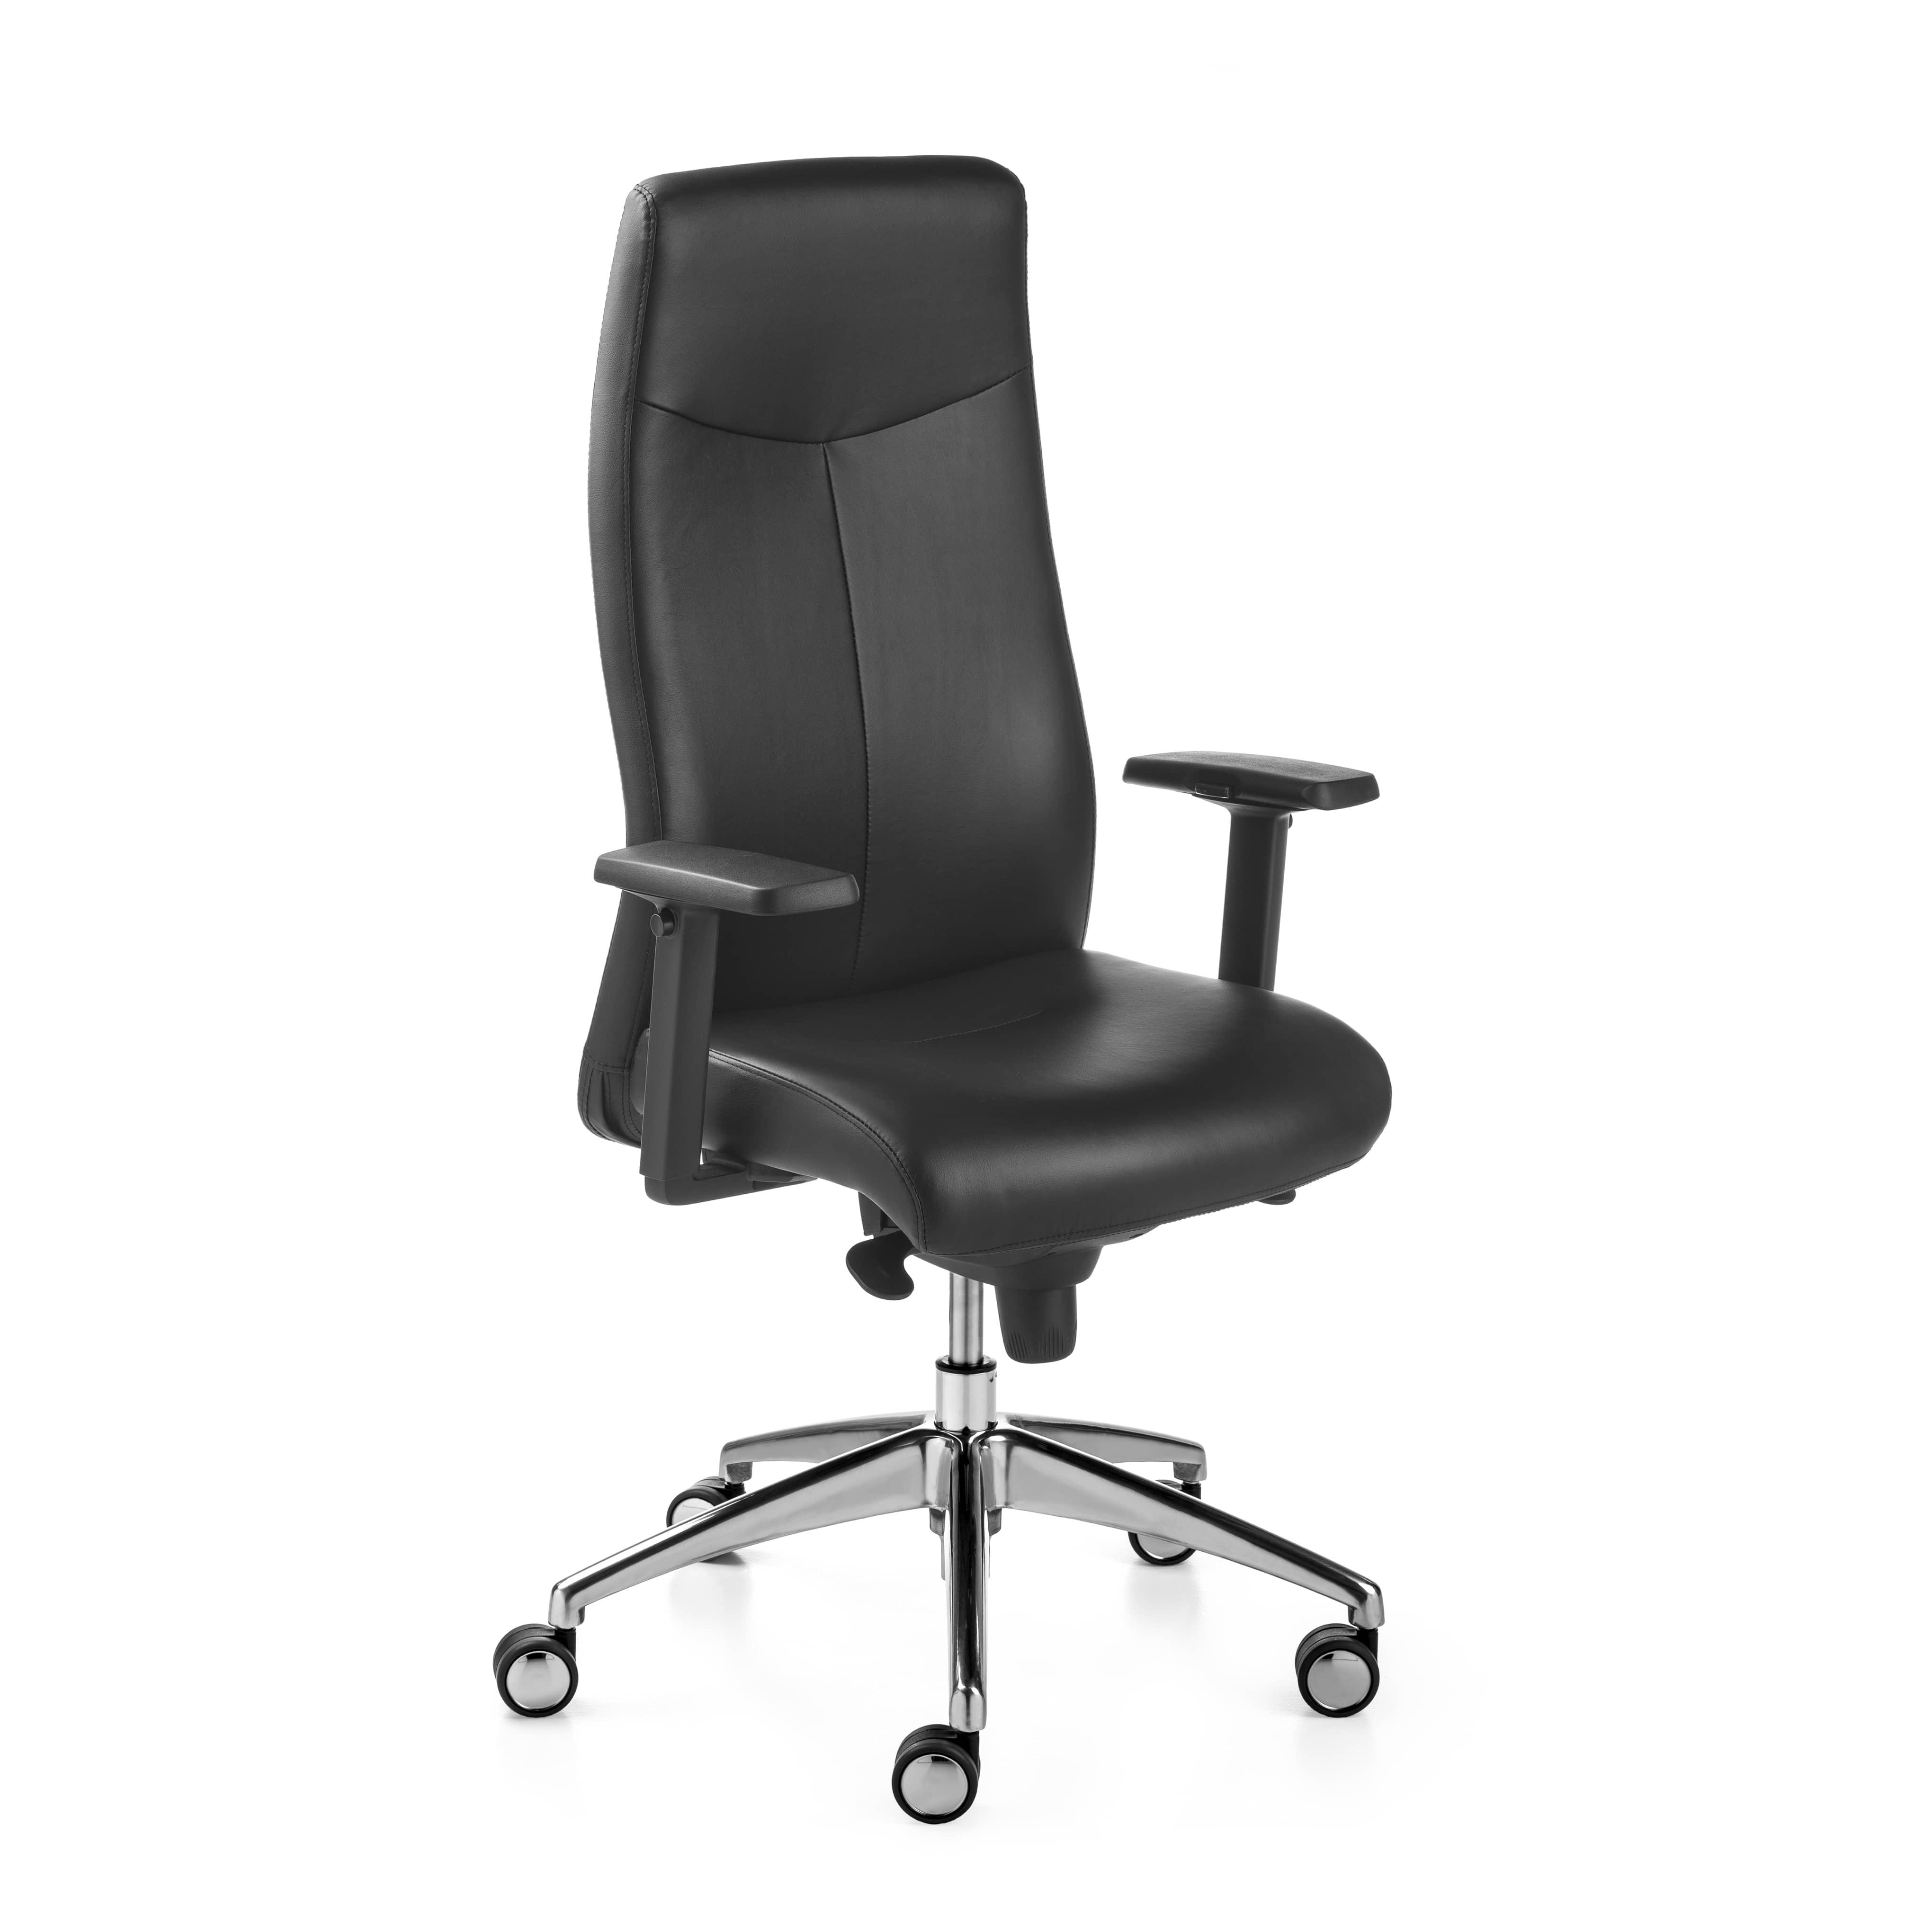 sillas-oficina-General-muebles-paco-caballero-454-5caf5da10ee63